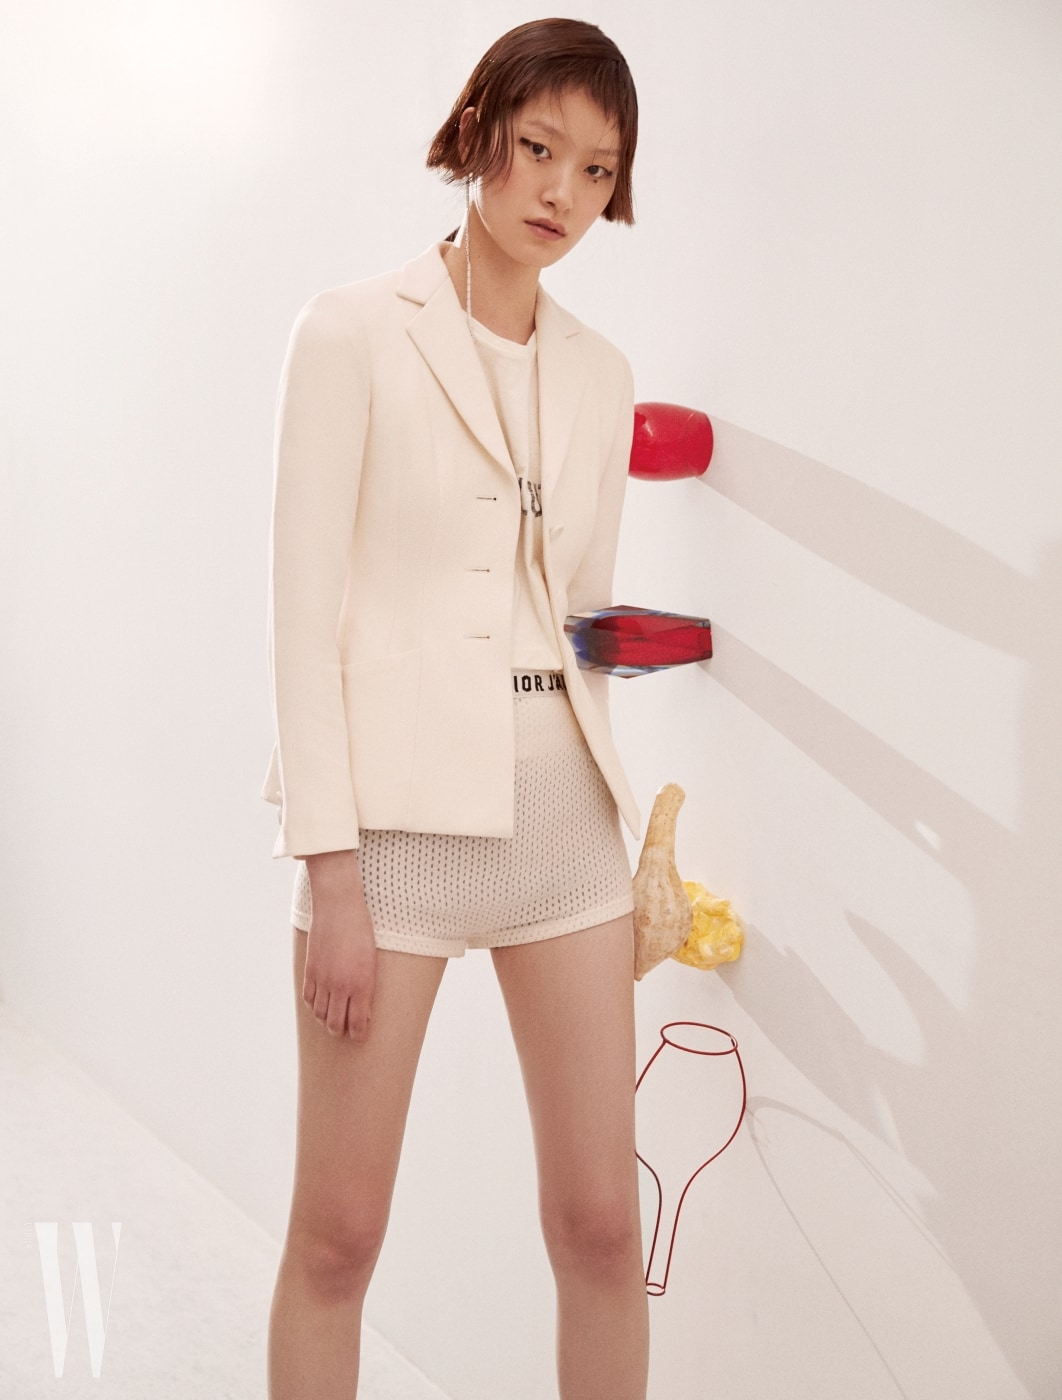 재킷, 티셔츠, 브리프는 모두 Dior, 귀고리는 Numbering 제품. 위부터ㅣ빨간색 리오 워터/와인 텀블러는 LSA by WxDxH, 레드, 블루 그러데이션이 각도마다 달라지는 빈티지 화병과 과일 오브제는 Verythings 소장품, Antonino Sciortino와 Serax가 협업한 철제 화병은 Veryghings에서 판매.